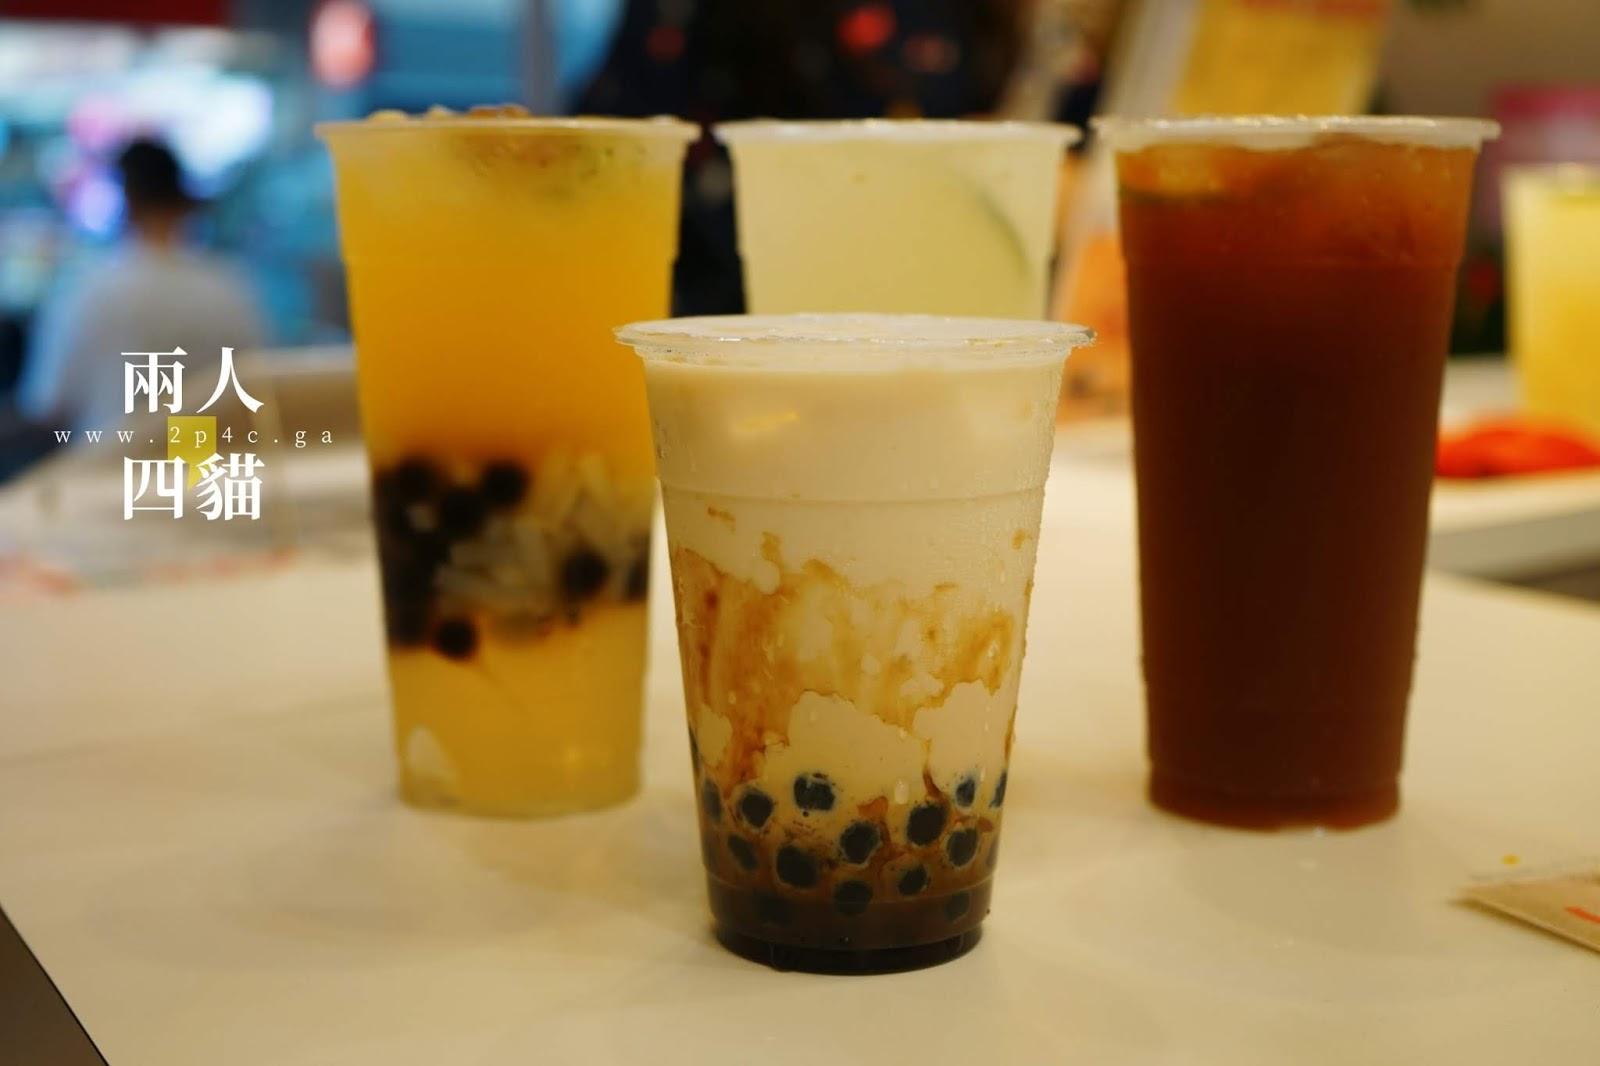 【中壢|美食】這間飲料店上過狂新聞!中原夜市【尼莫踢】橙柚青、黑糖珍珠鮮奶、冰淇淋奶昔 每一種都超好喝!